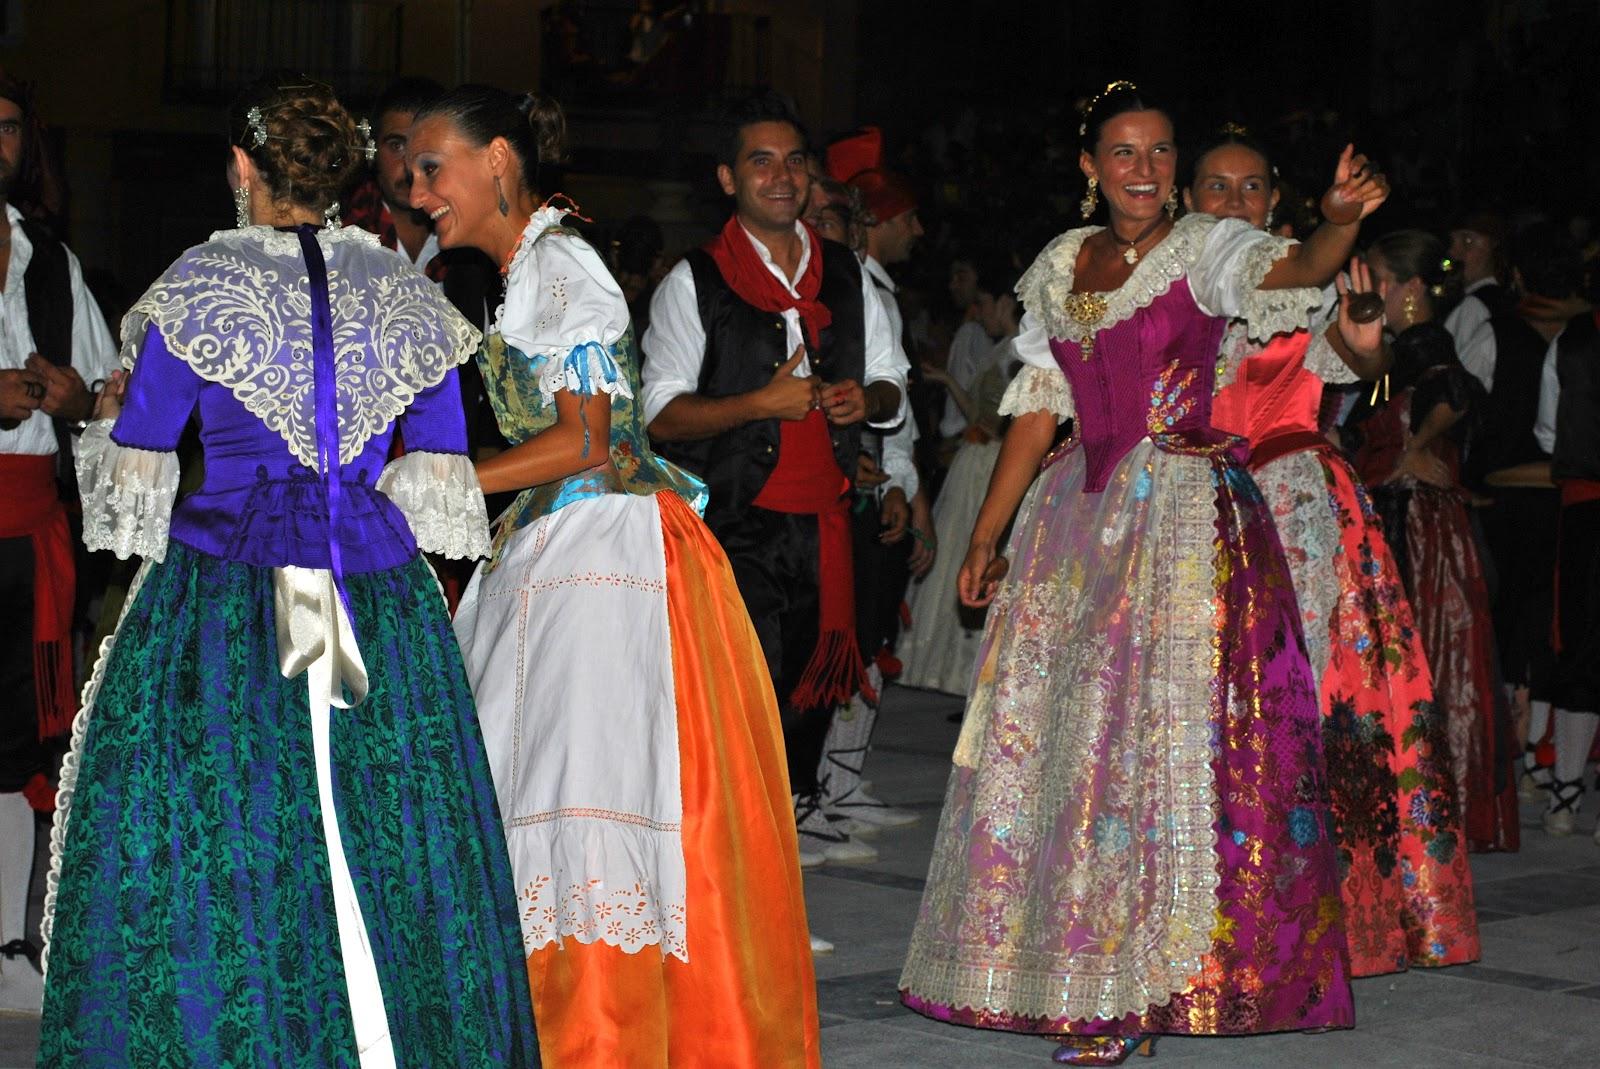 Ball Pla de Casats i Ball Pla de Fadrins. Sant Mateu. Autora, Lorena Moliner Esteller